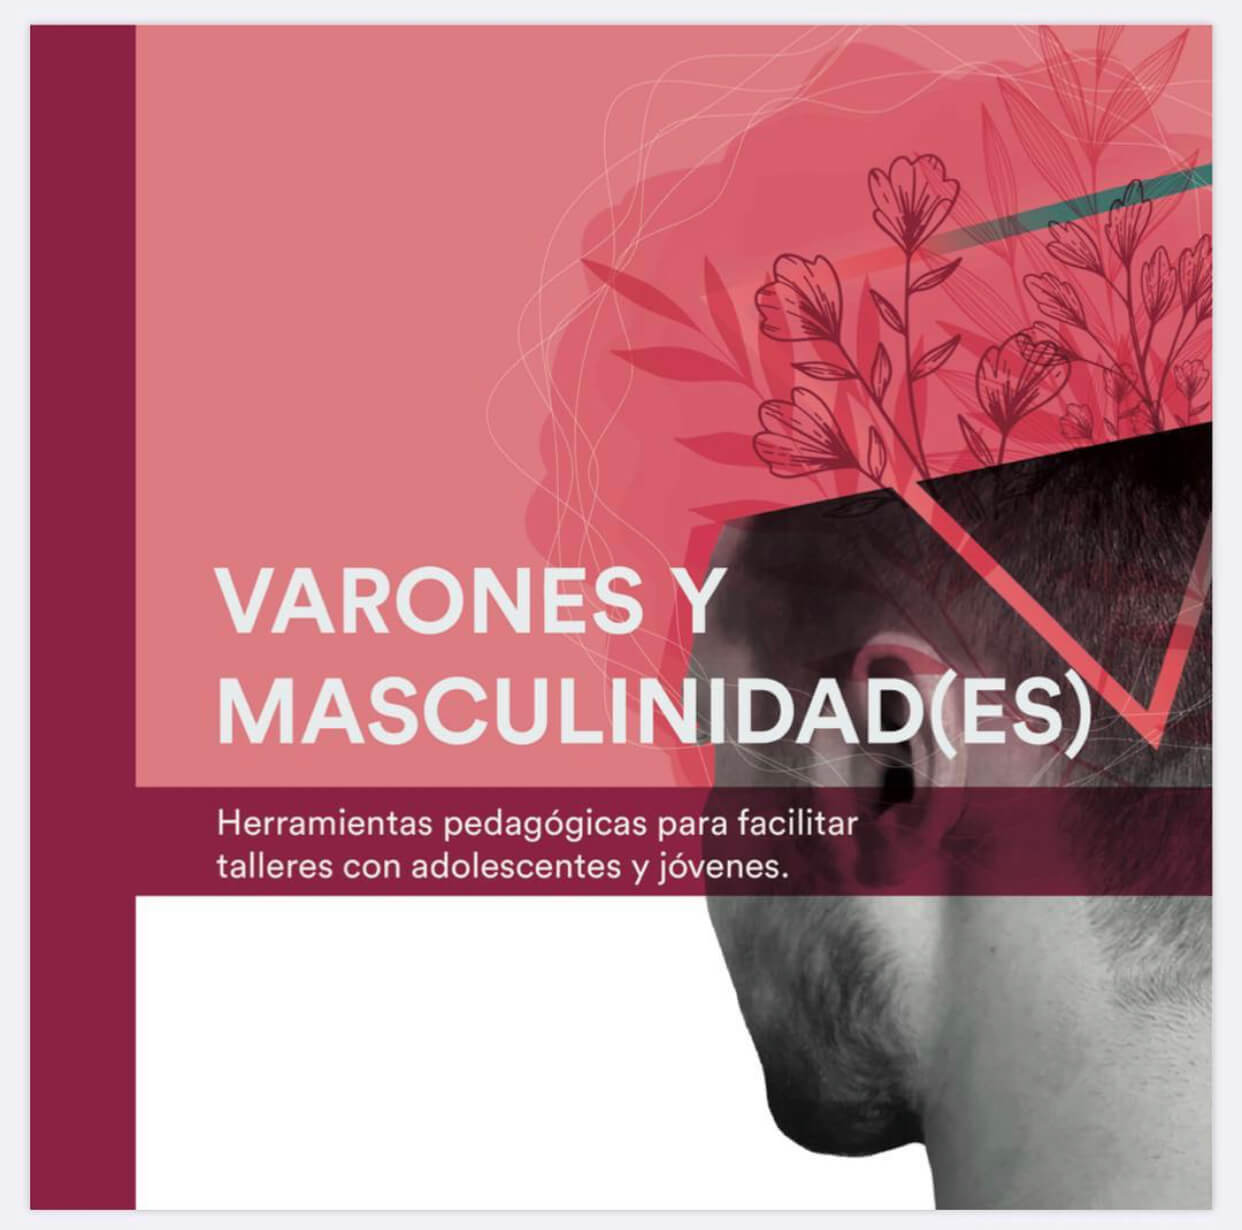 Varones y masculinidades